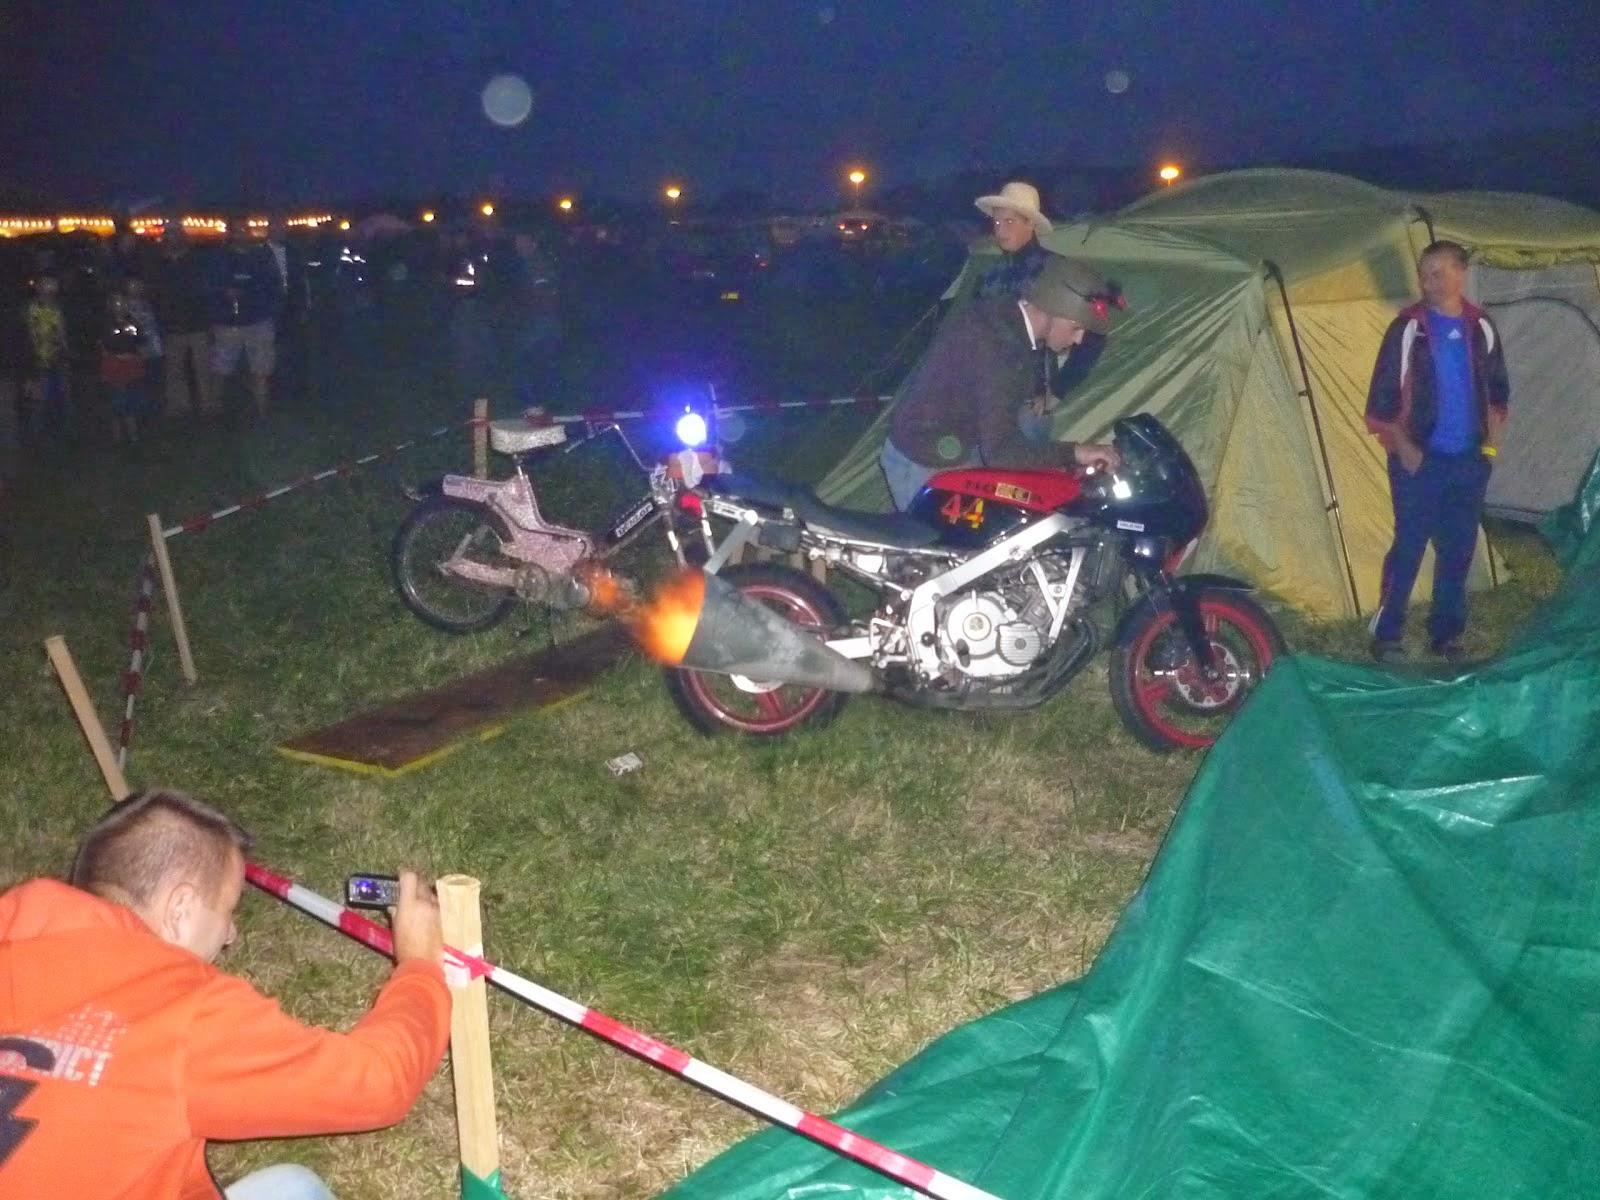 noche en el camping del circuito de brno